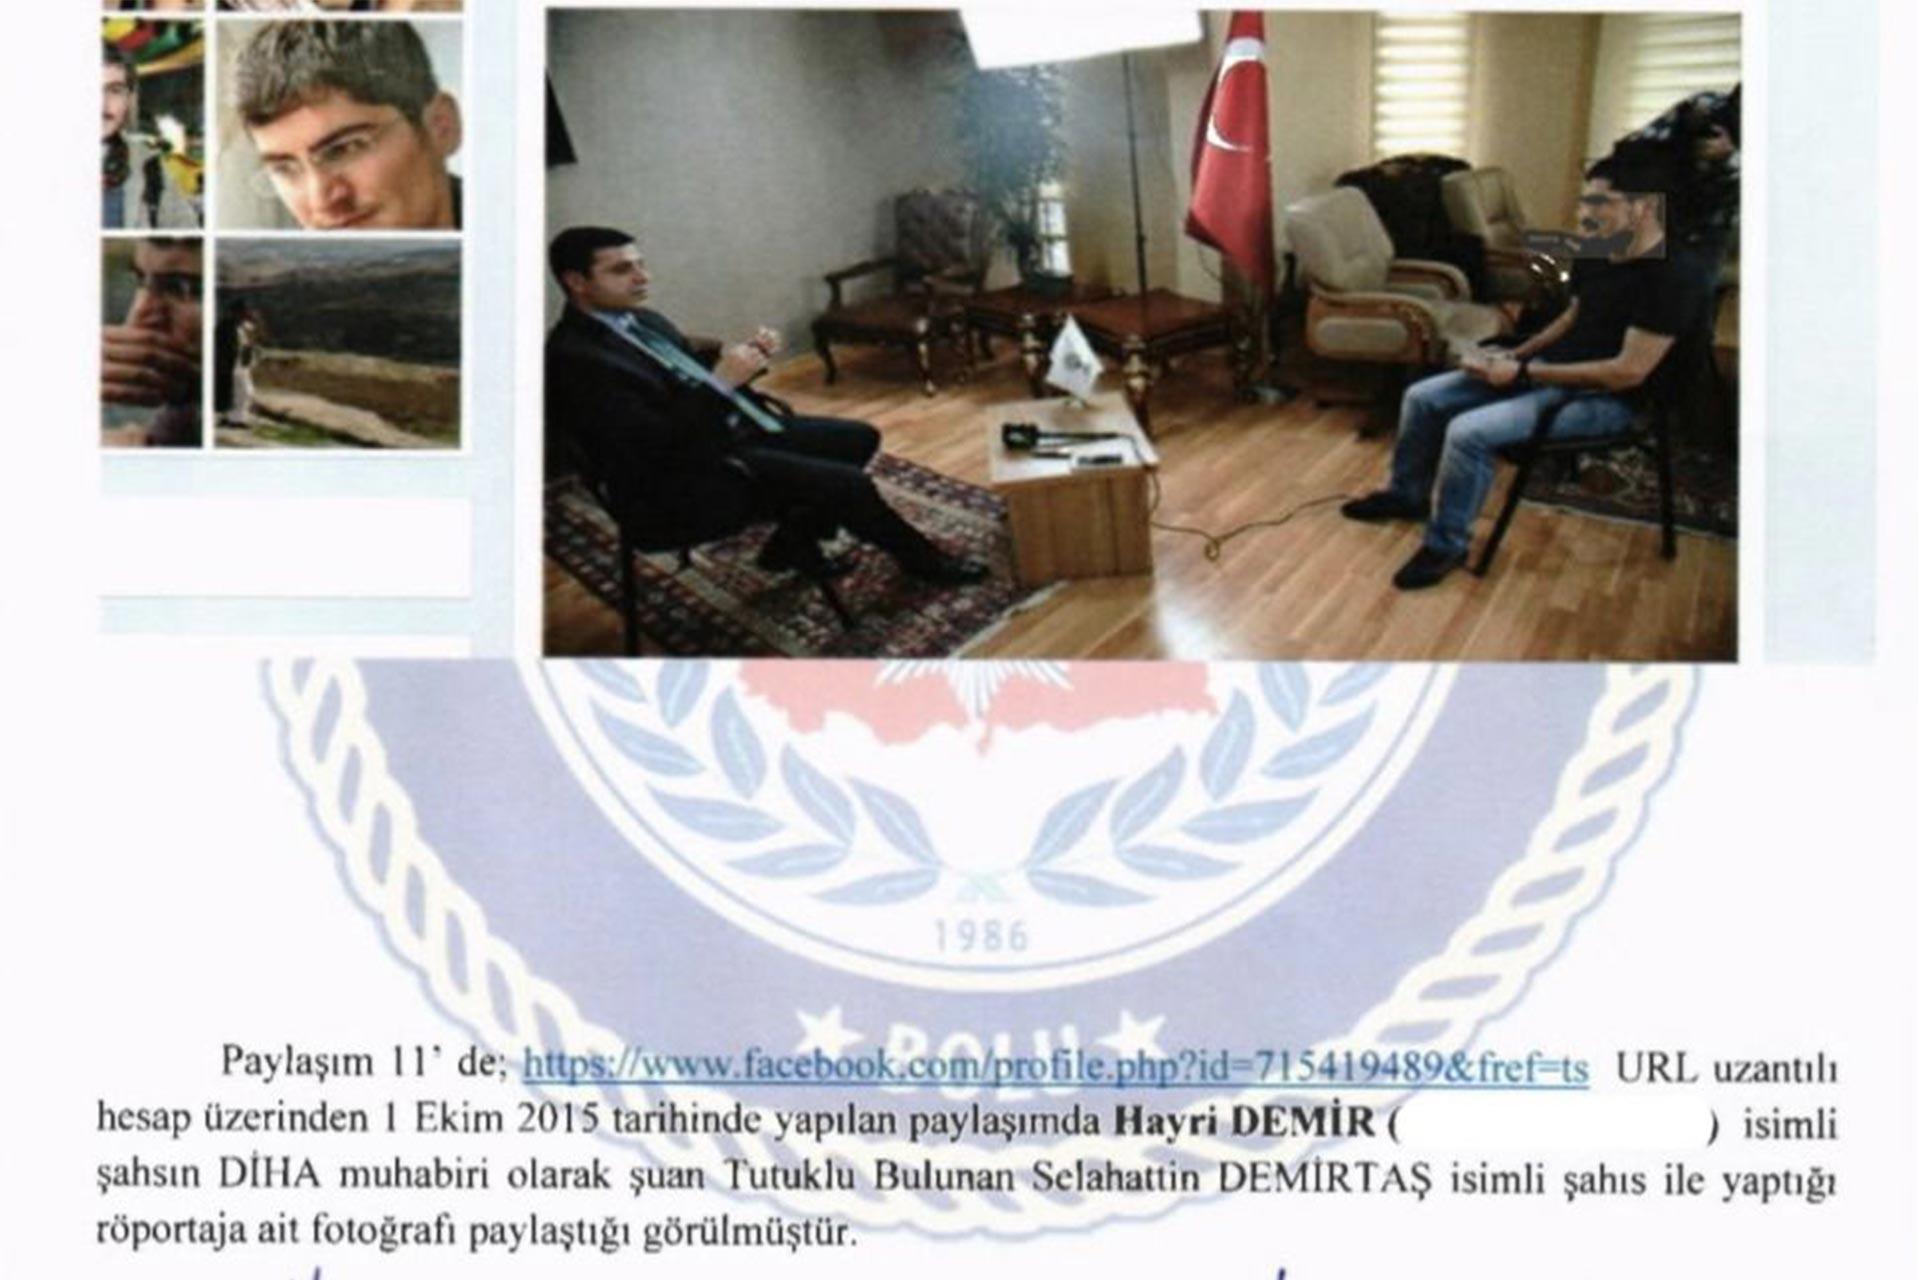 Selahattin Demirtaş ile yapılan röportaj suç sayıldı